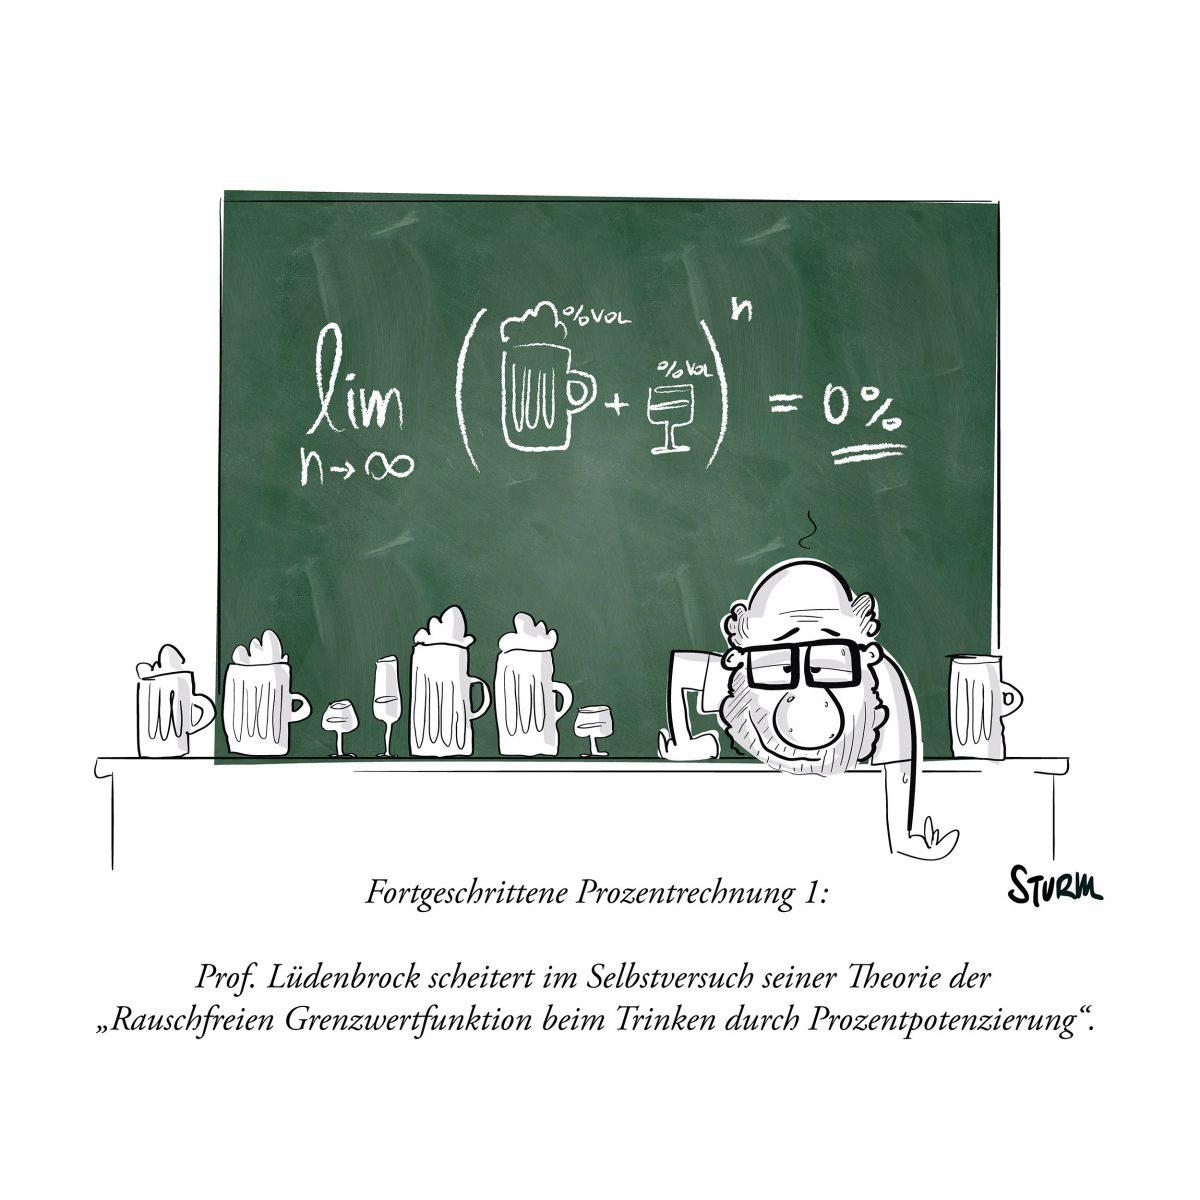 Fortgeschrittene Prozentrechnung – Cartoon von Philipp Sturm